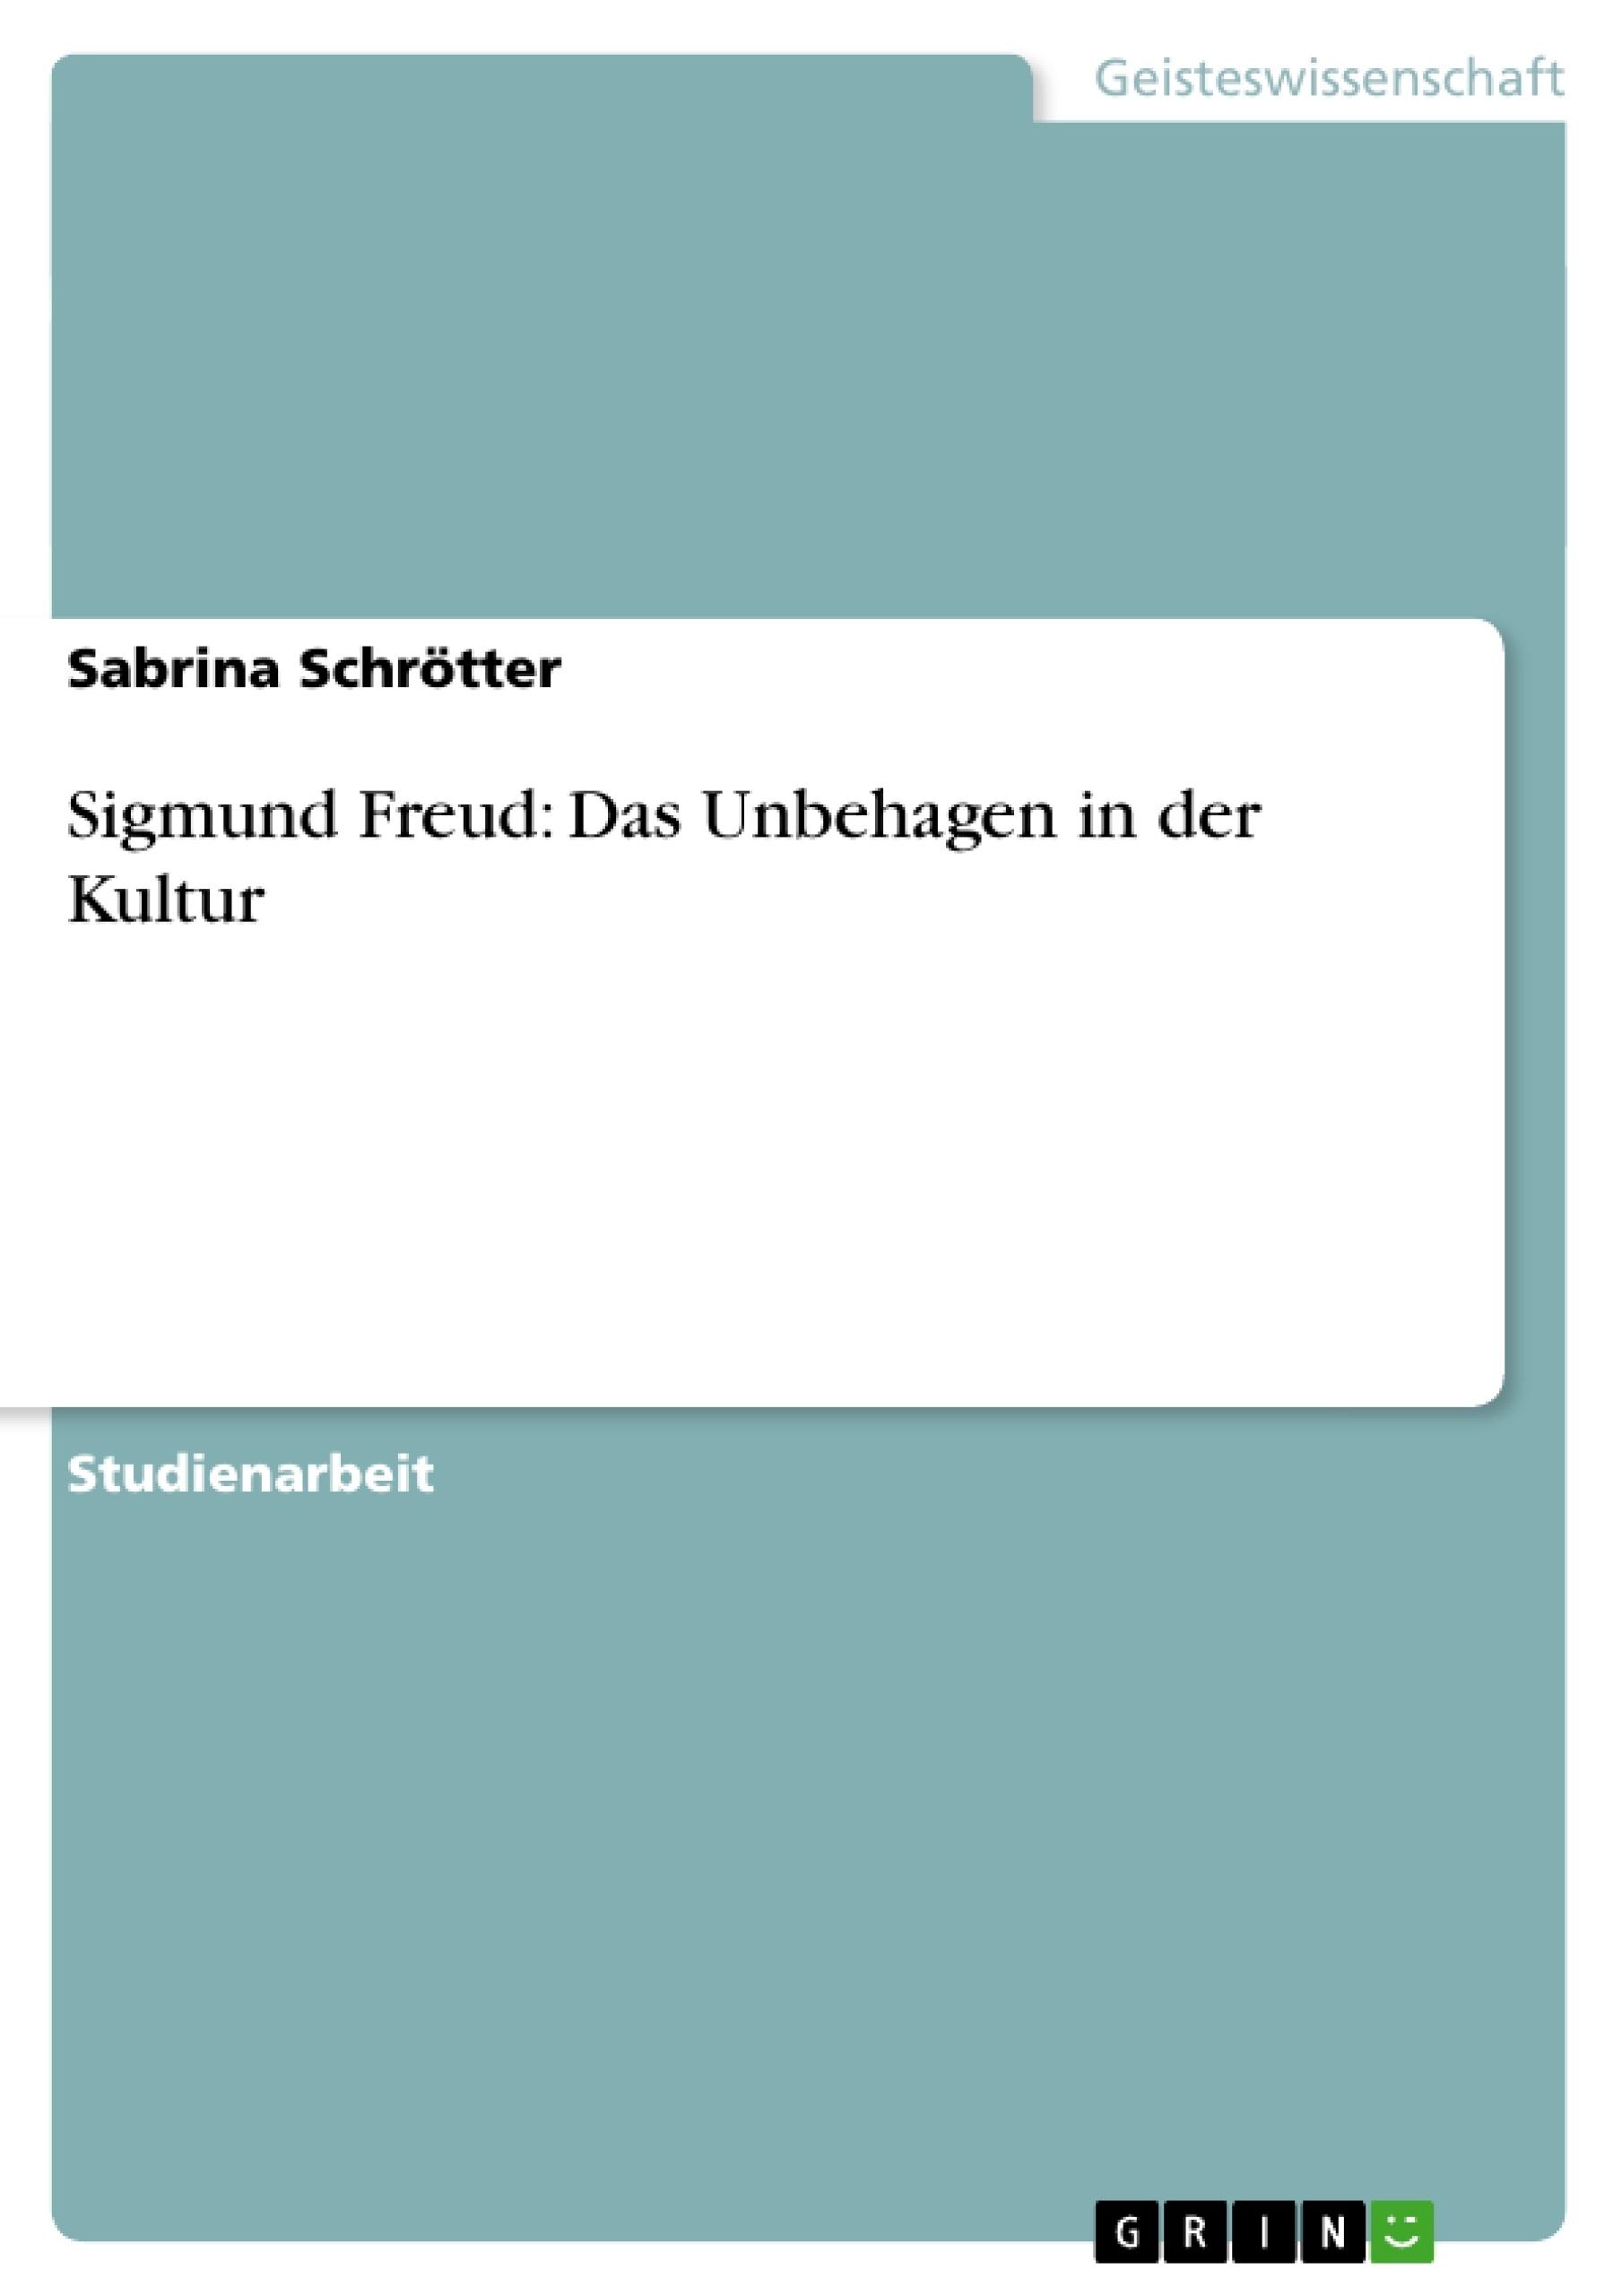 Titel: Sigmund Freud: Das Unbehagen in der Kultur